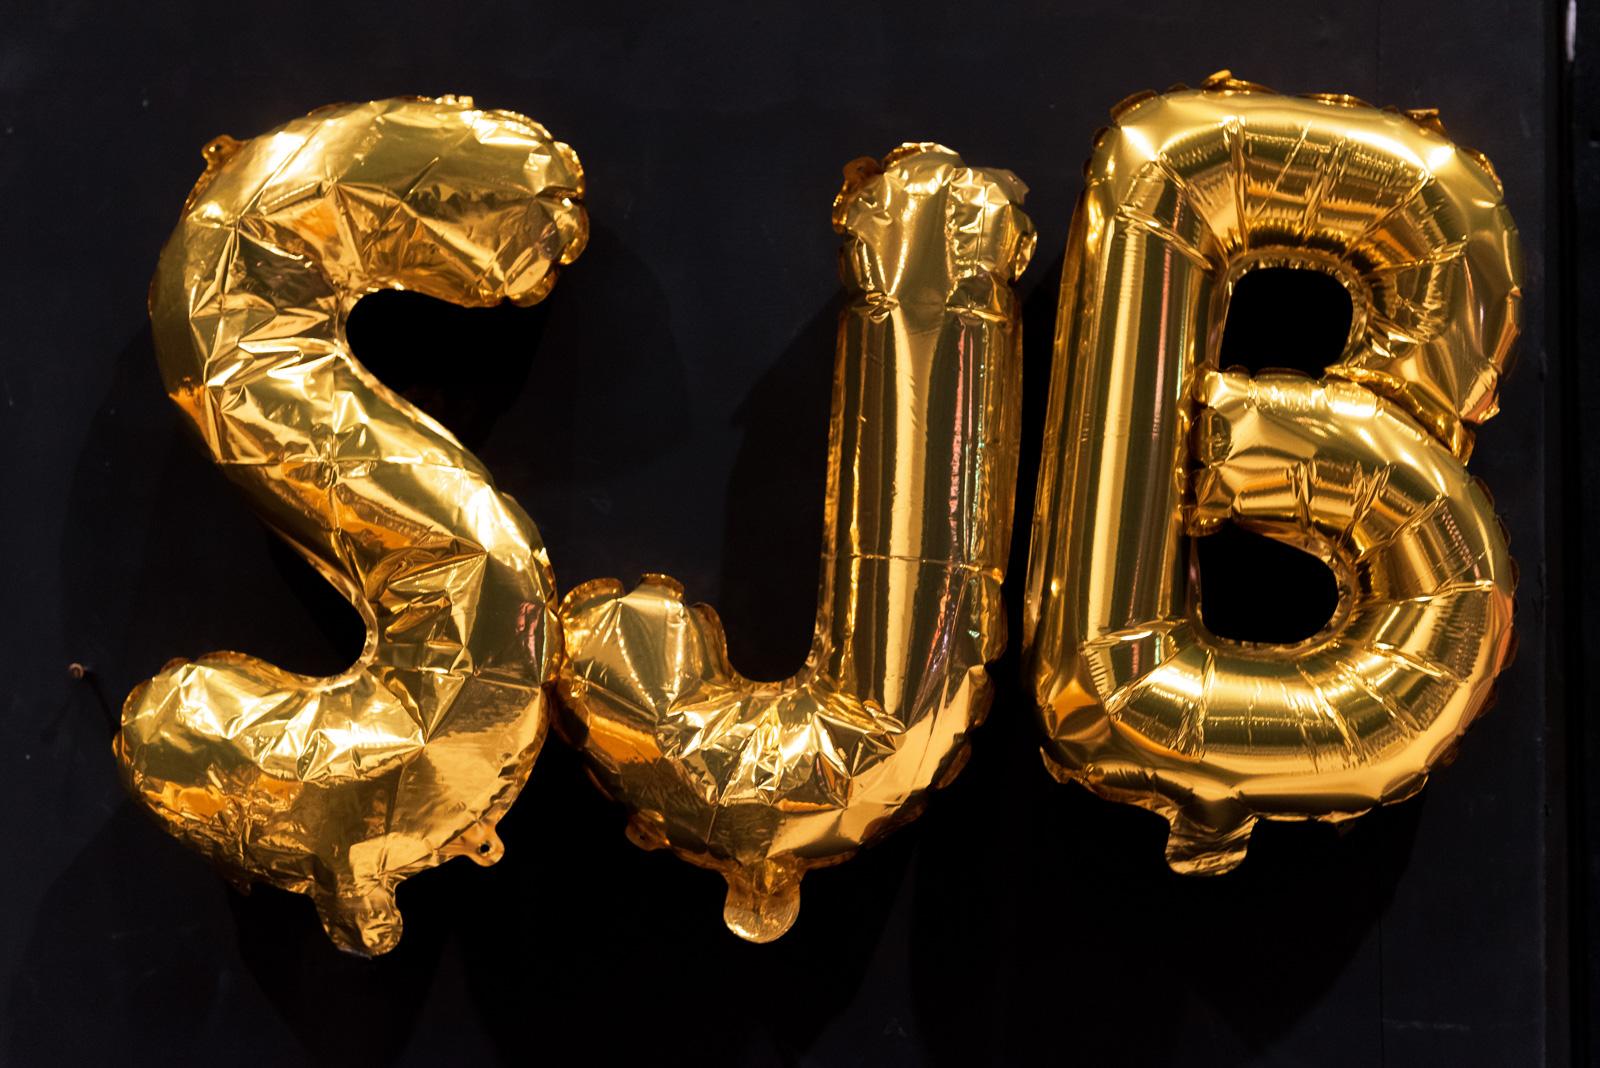 """Drei goldene Folienballons sind vor einem schwarzen Hintergrund. Die Folienballons sind Buchstaben und stellen das Wort """"SJB"""" da."""